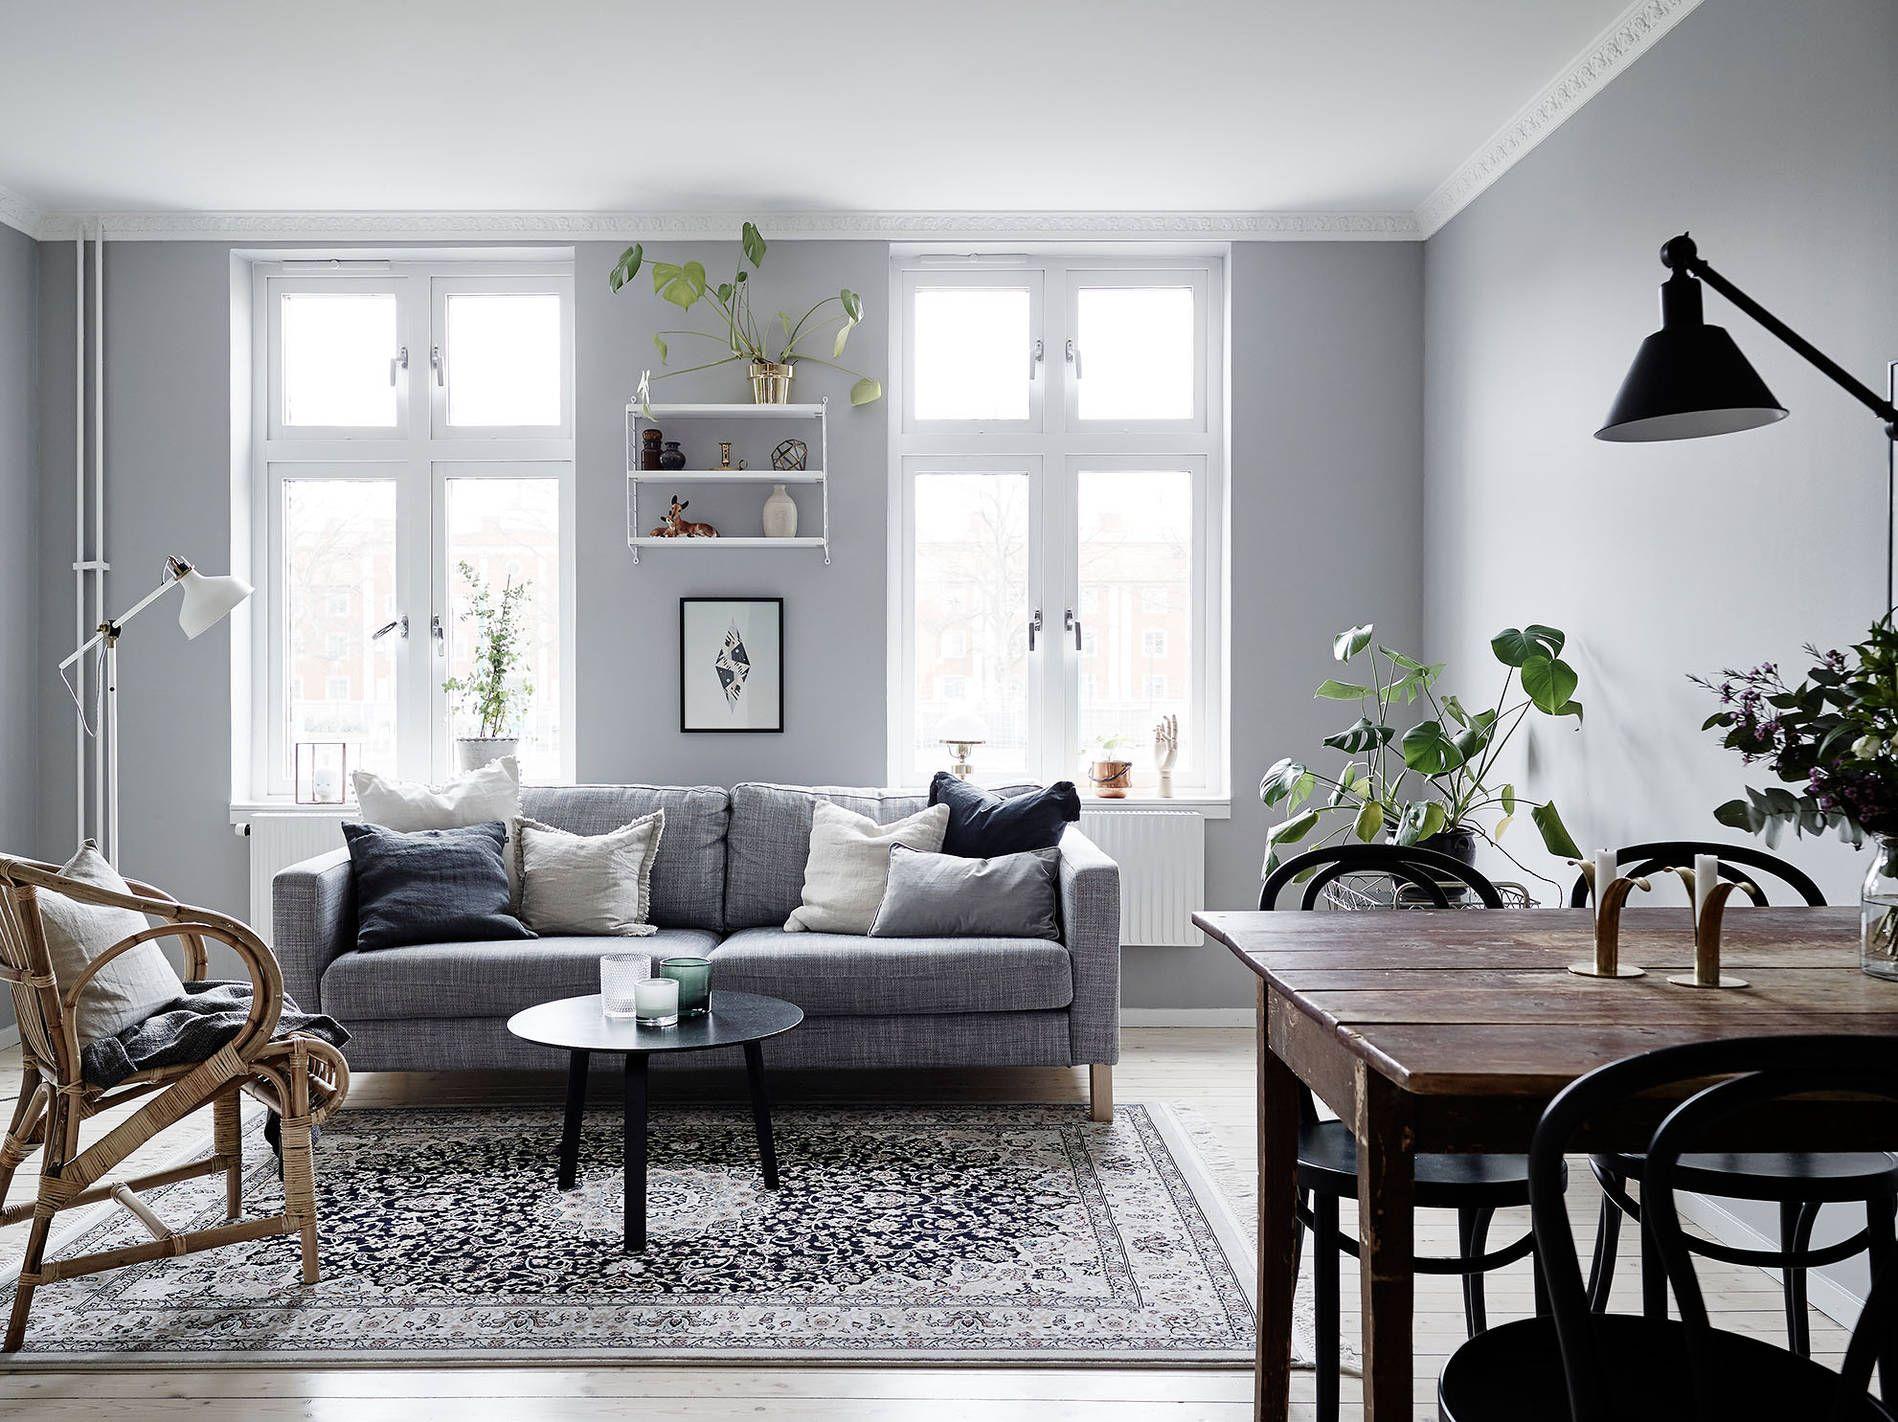 Woonkamer Met Grijstinten : Grijstinten woonkamer i love my interior